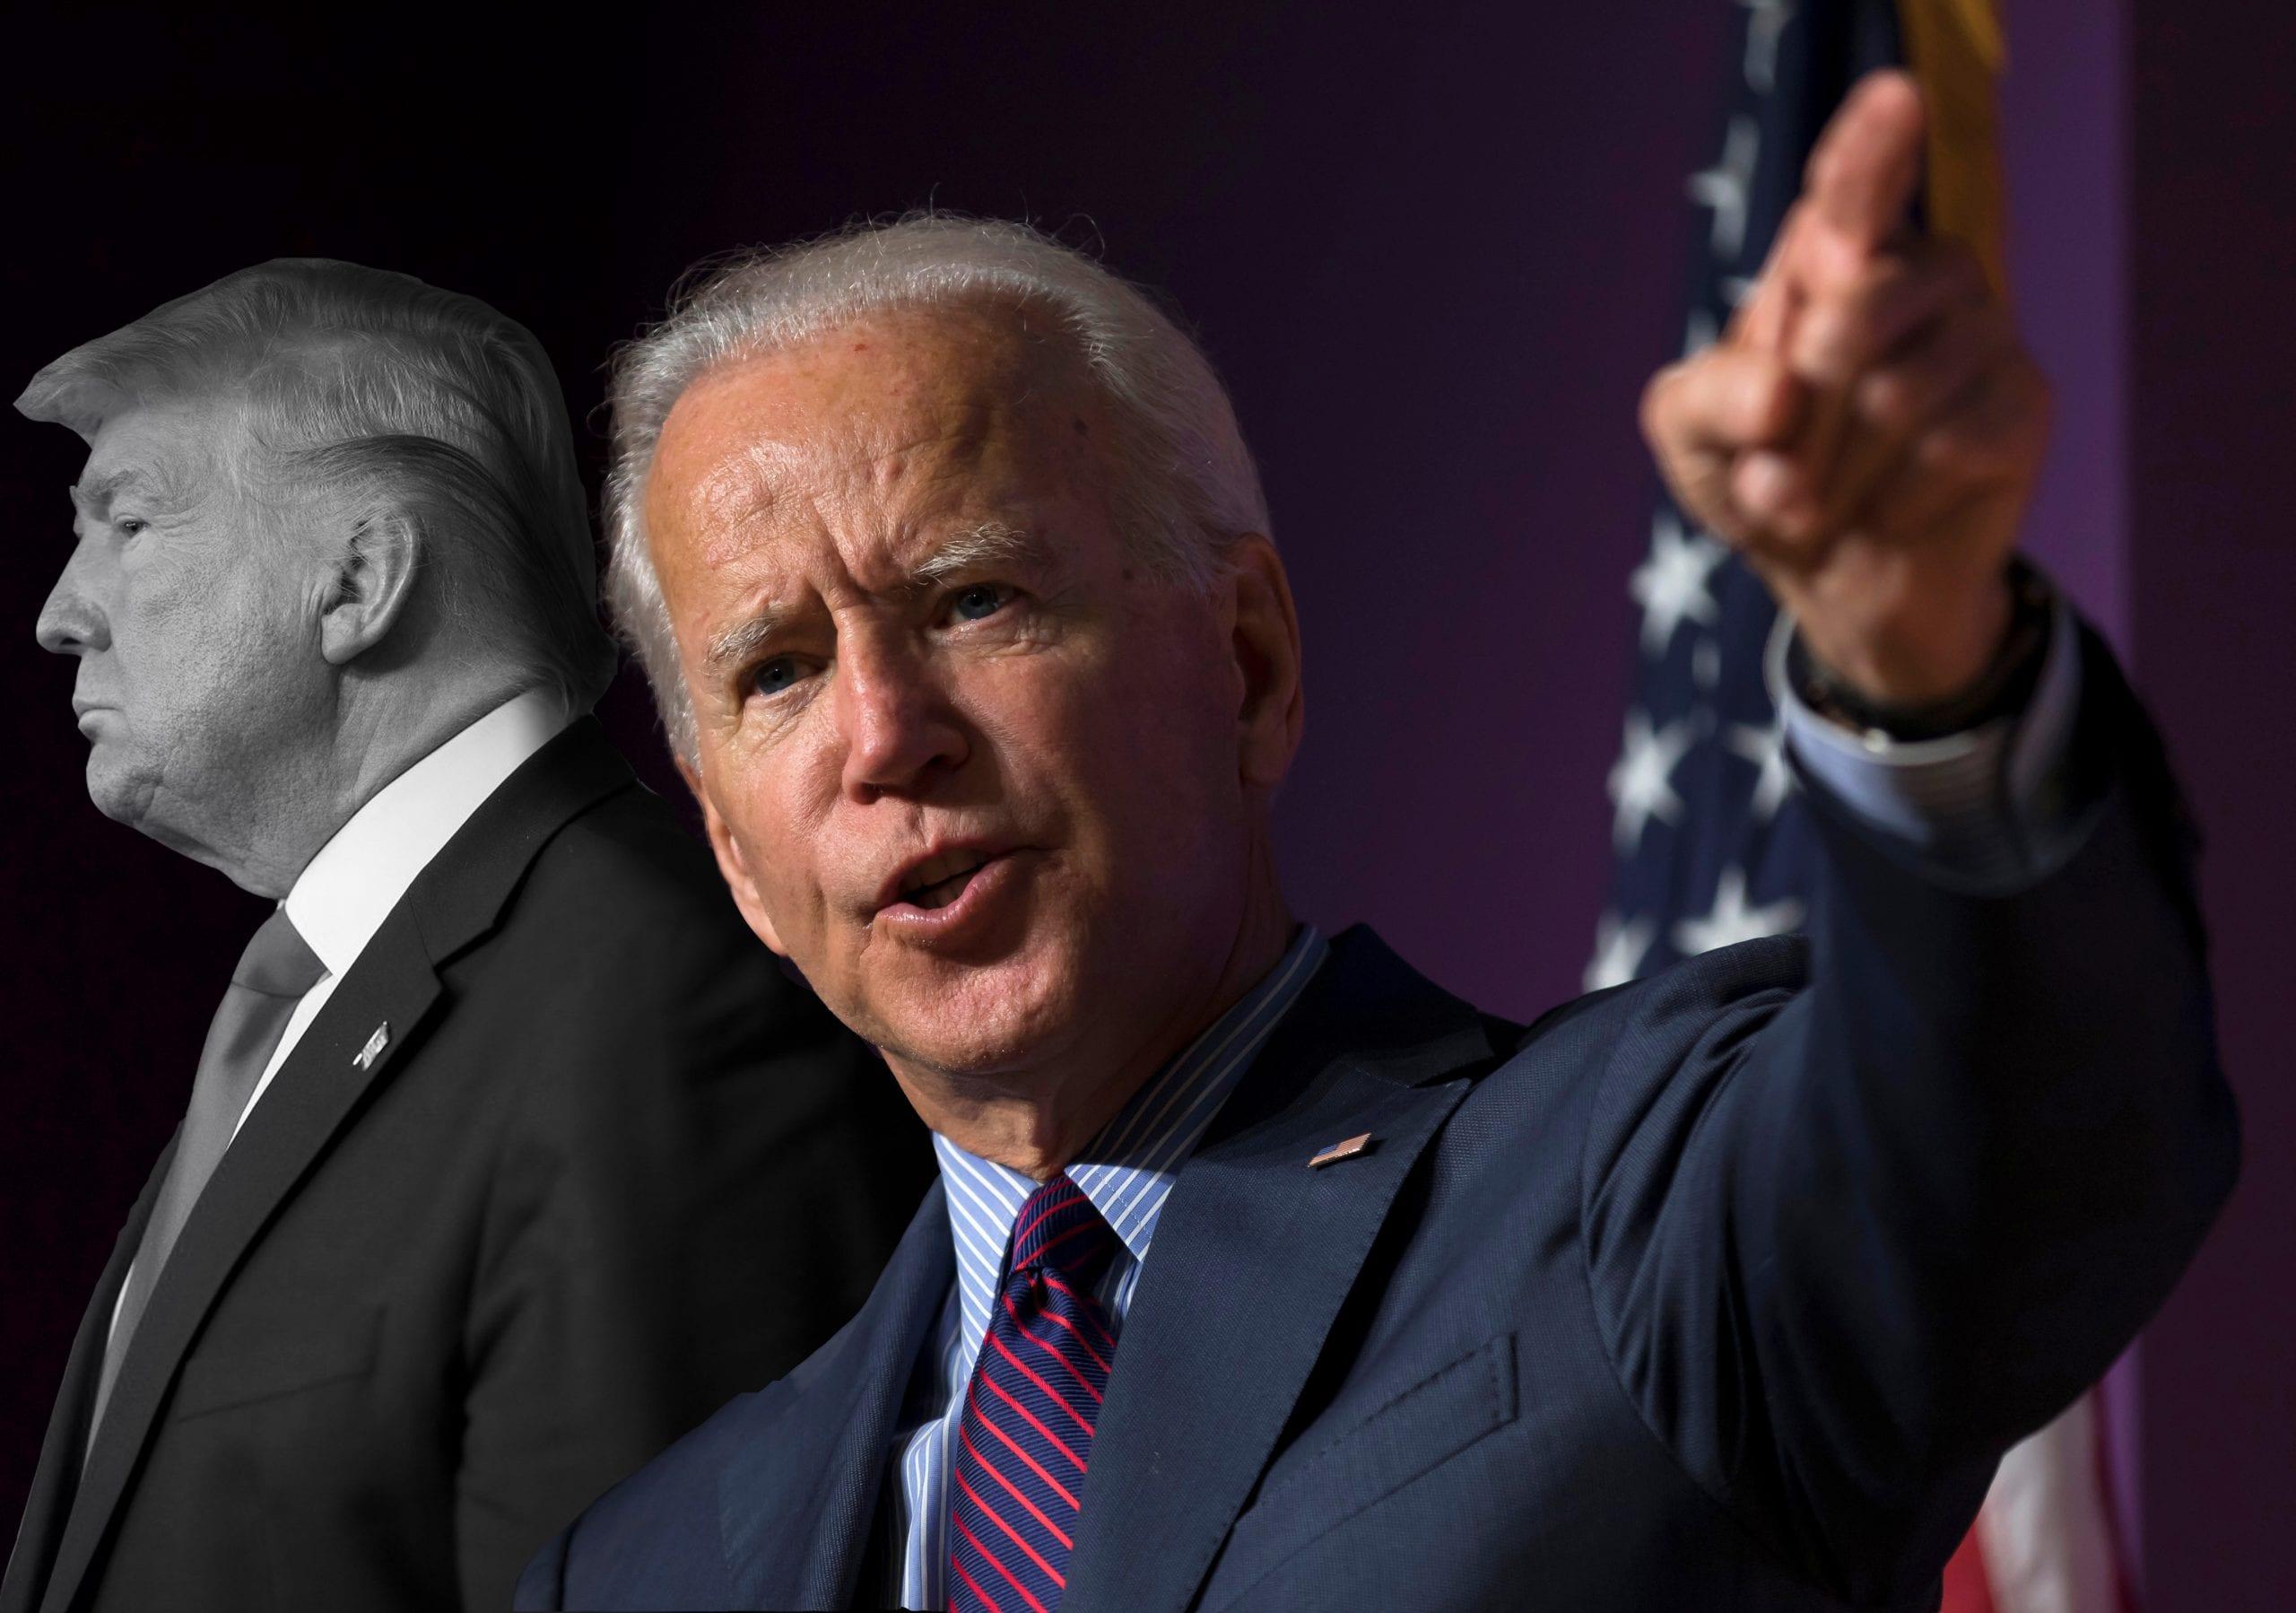 الطريق إلى البيت الأبيض… «بايدن» ملك ملفات الشرق الأوسط في مواجهة ترامب